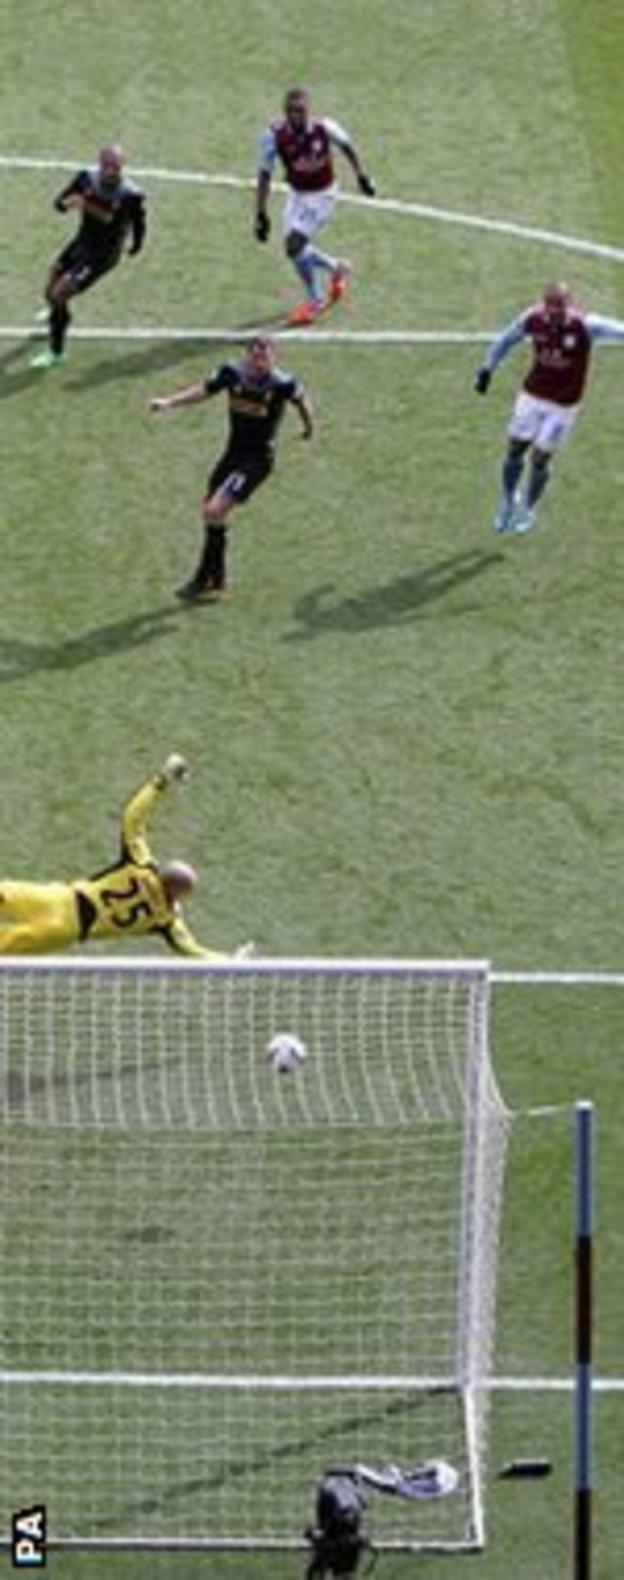 Christian Benteke puts Villa ahead